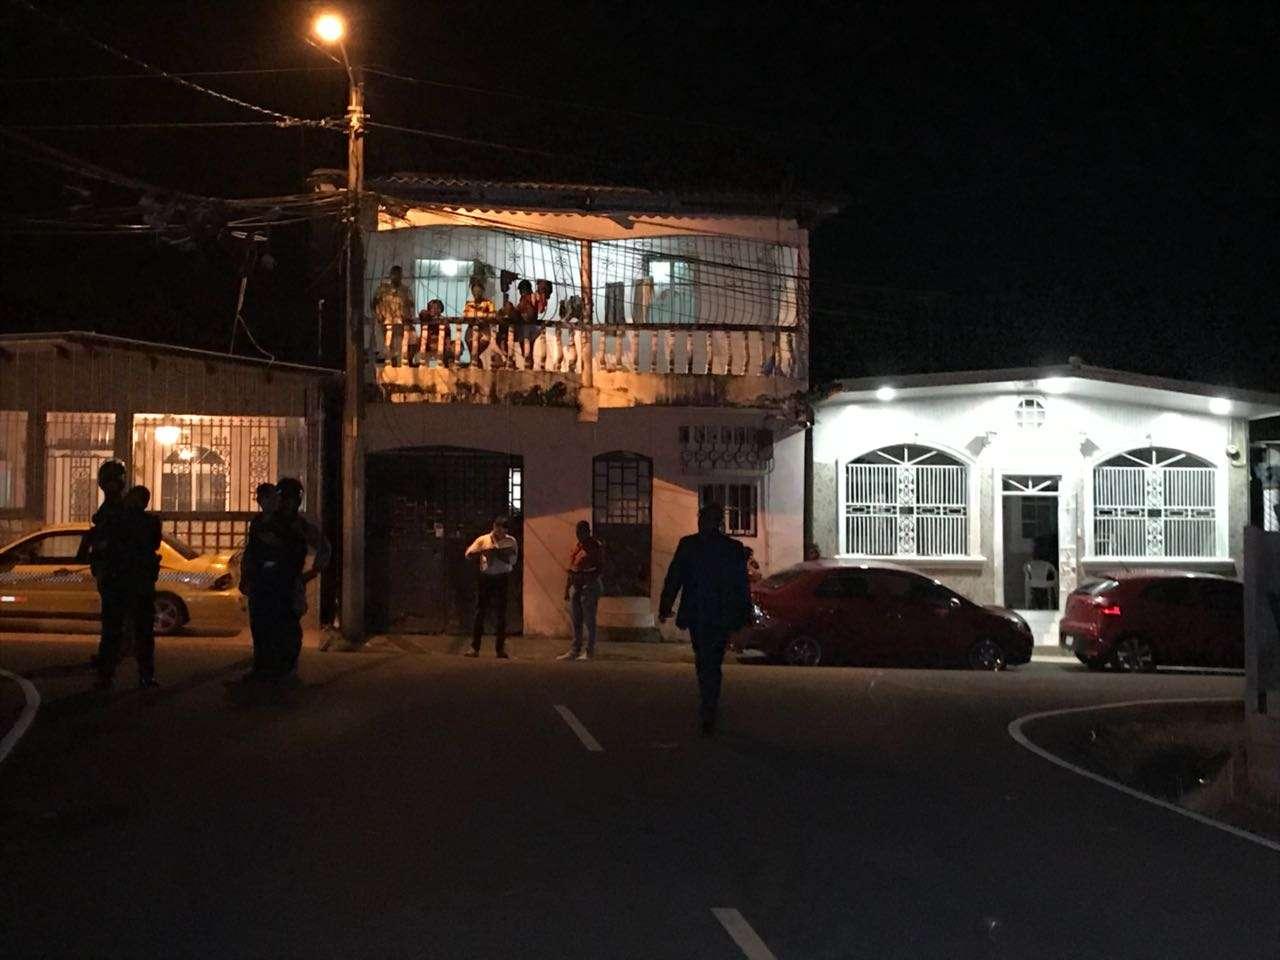 Vista general del área en donde ocurrió el asesinato de una menor de 11 añoa en Villa del Caribe. Foto: Delfia Cortez